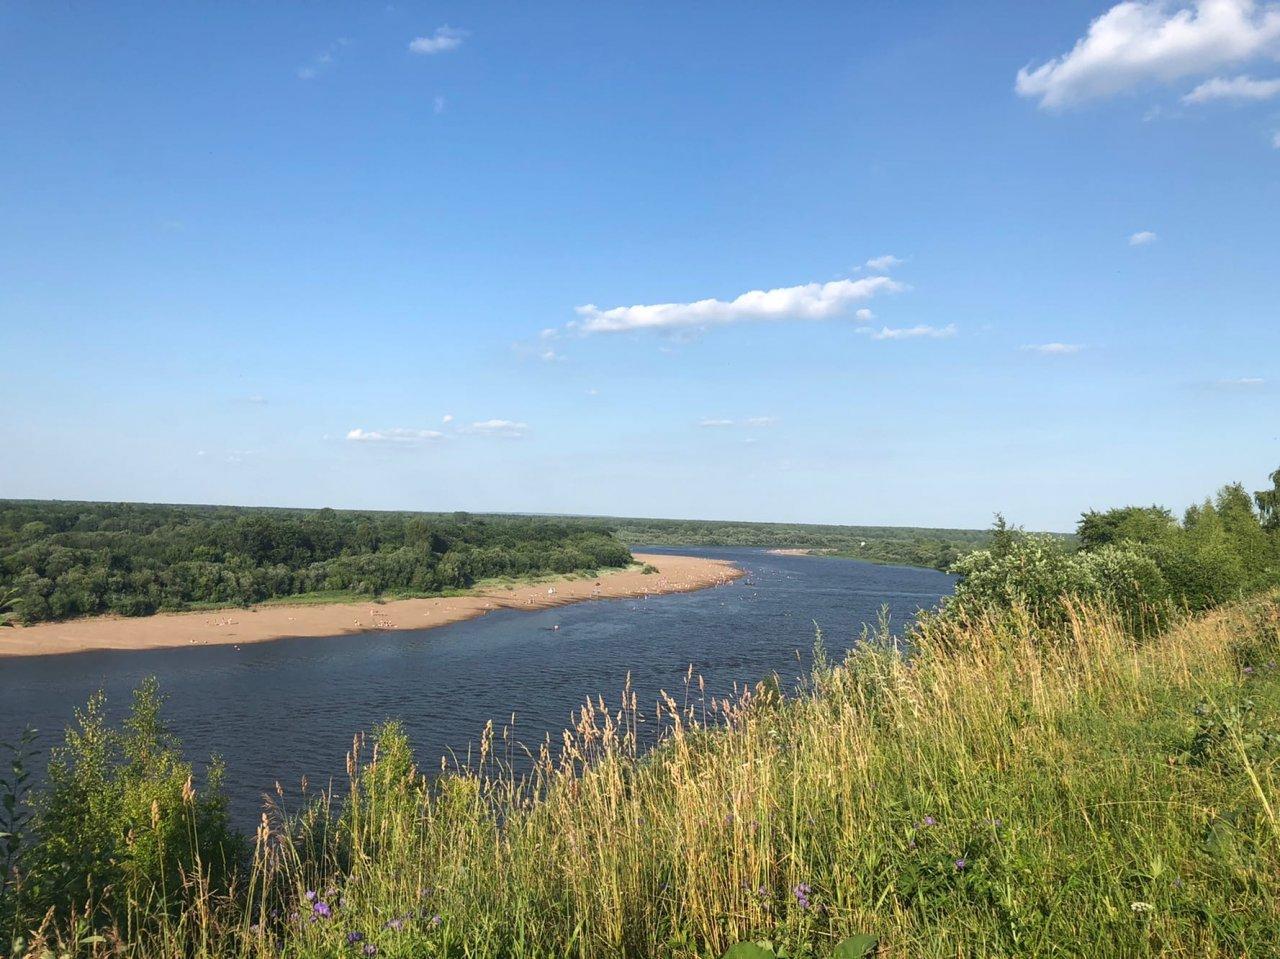 В Кирово-Чепецке на неделе ожидается до +36 градусов: прогноз погоды